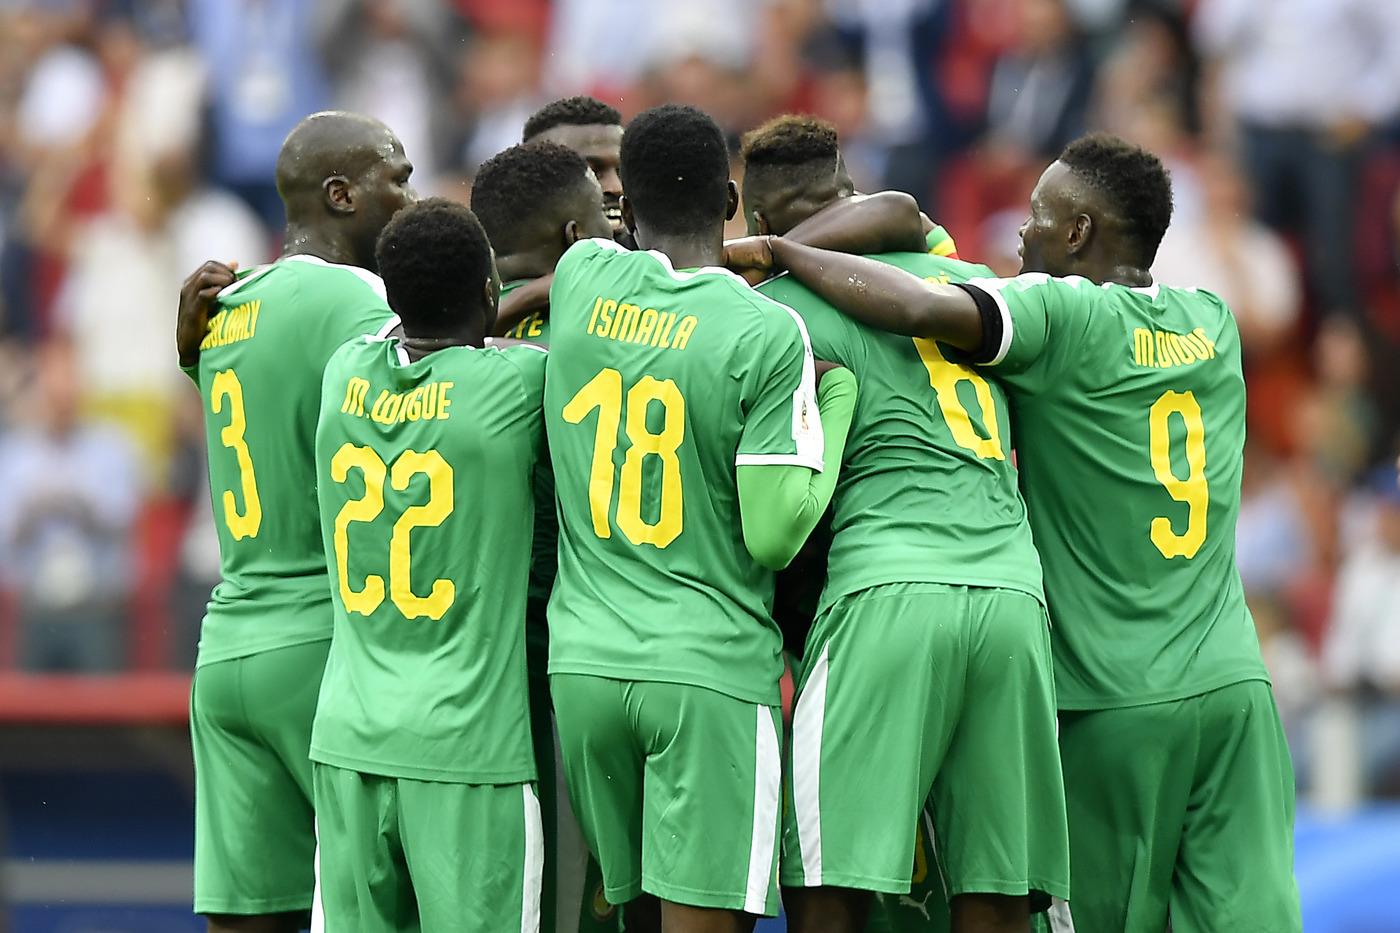 Senegal-Colombia giovedì 28 giugno, analisi e pronostico Mondiali Russia 2018 girone H terza giornata